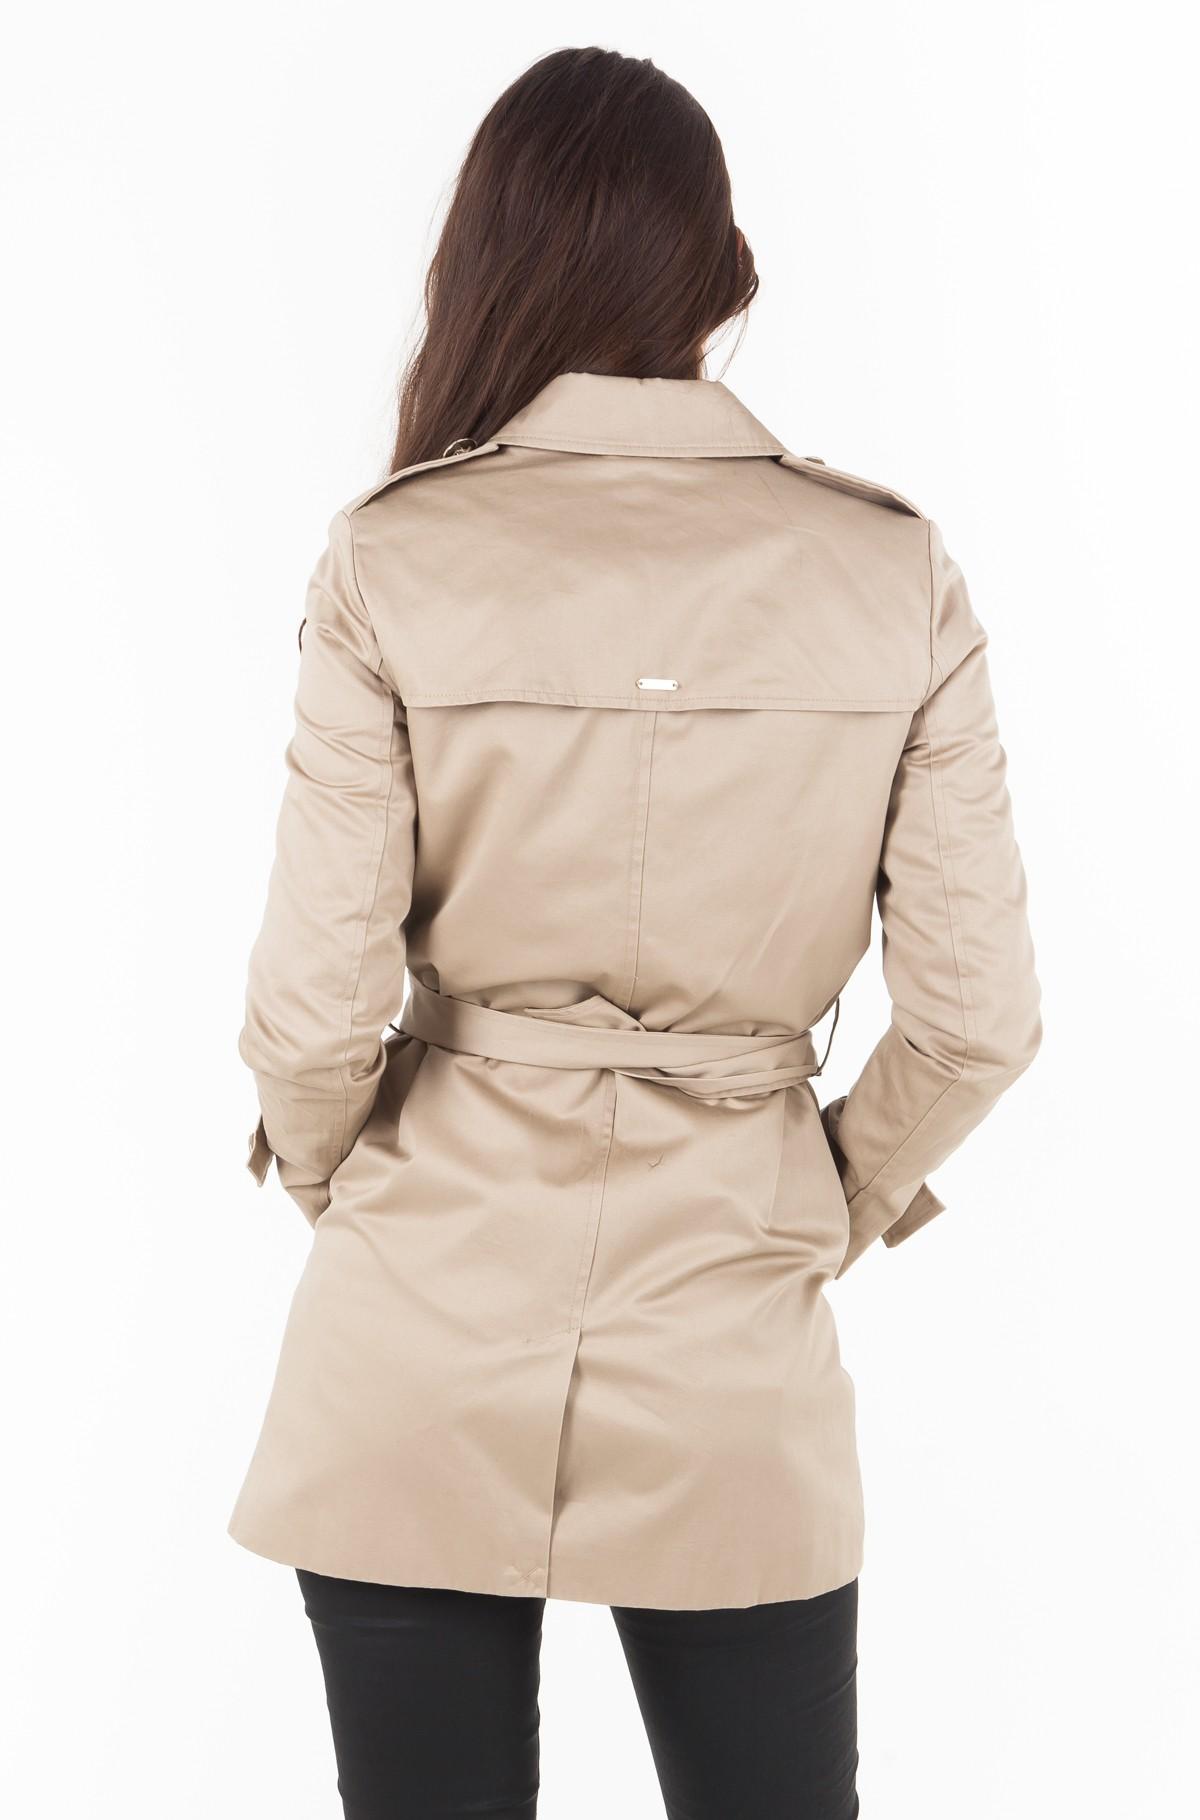 Coat W83L16 WADX0-full-2